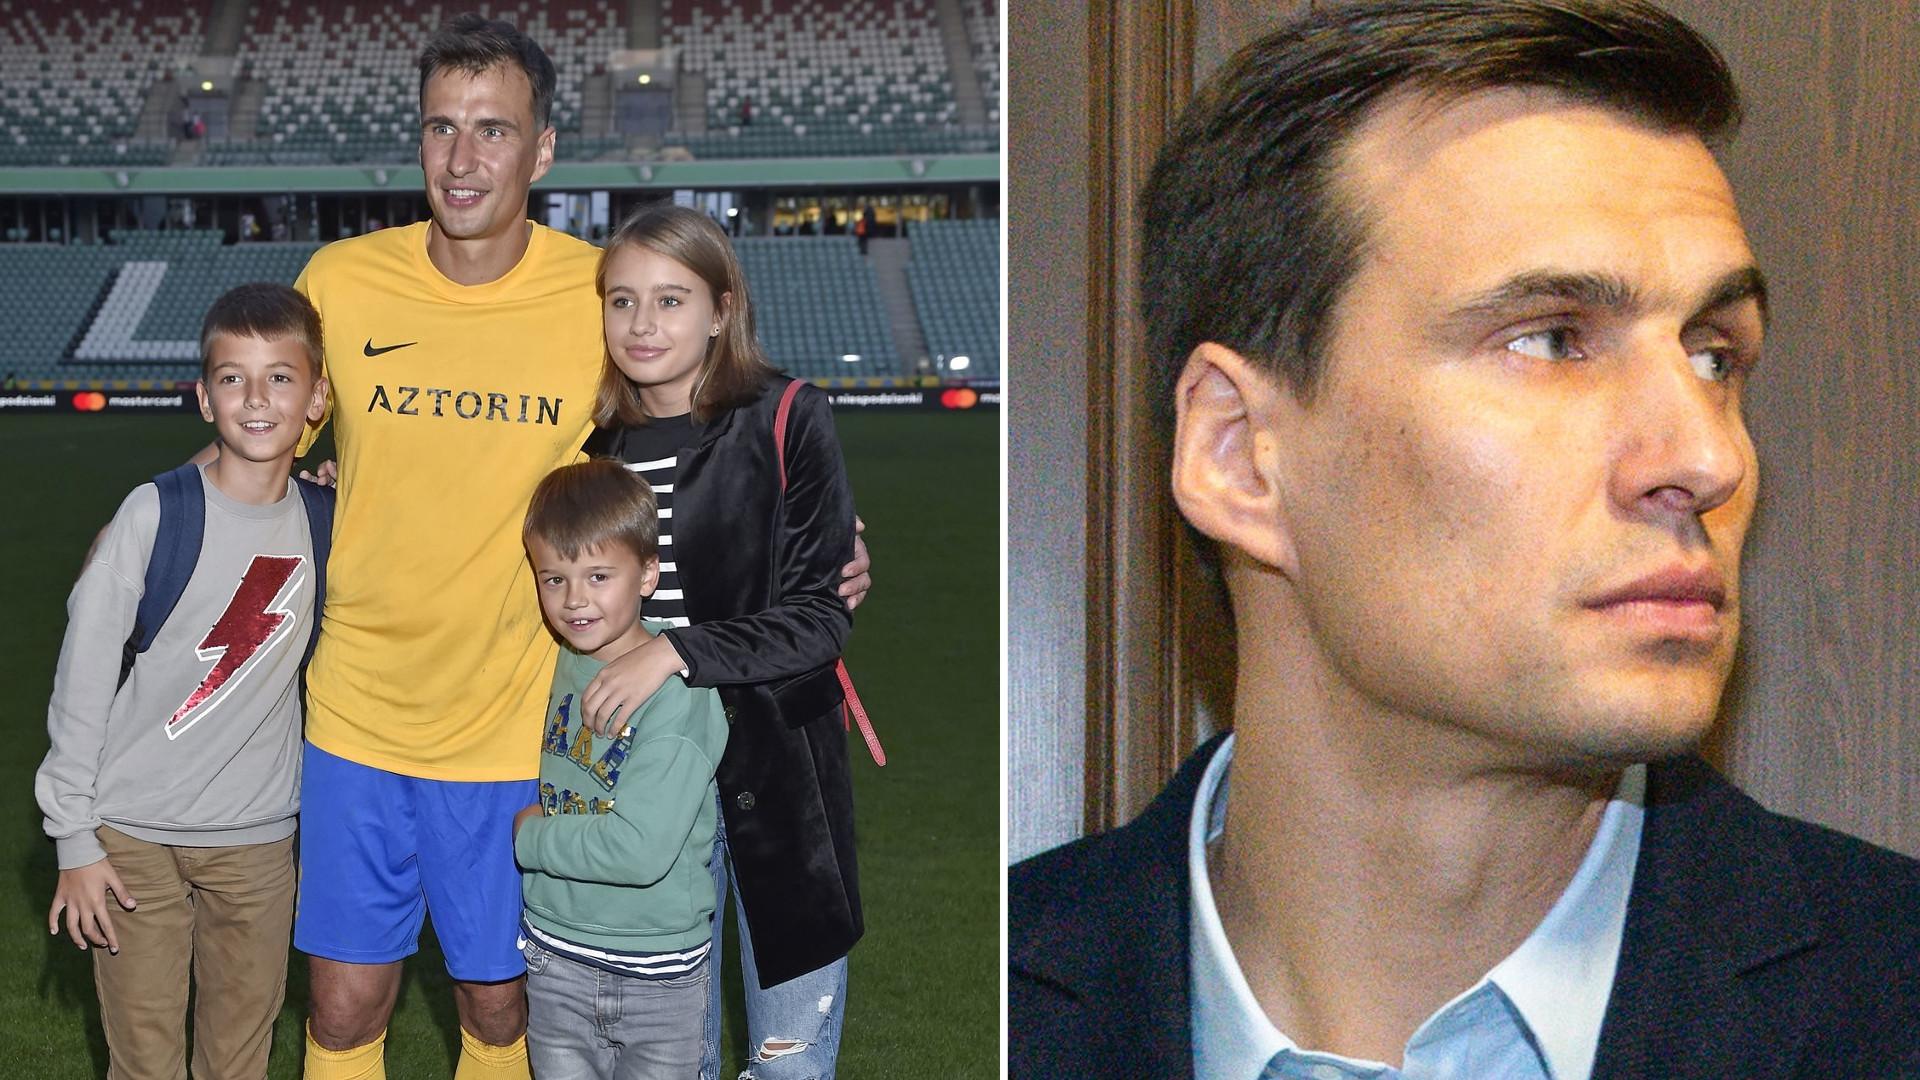 Sąd wydał wyrok w sprawie Jarosława Bieniuka – były piłkarz został uznany za winnego przedstawionych zarzutów